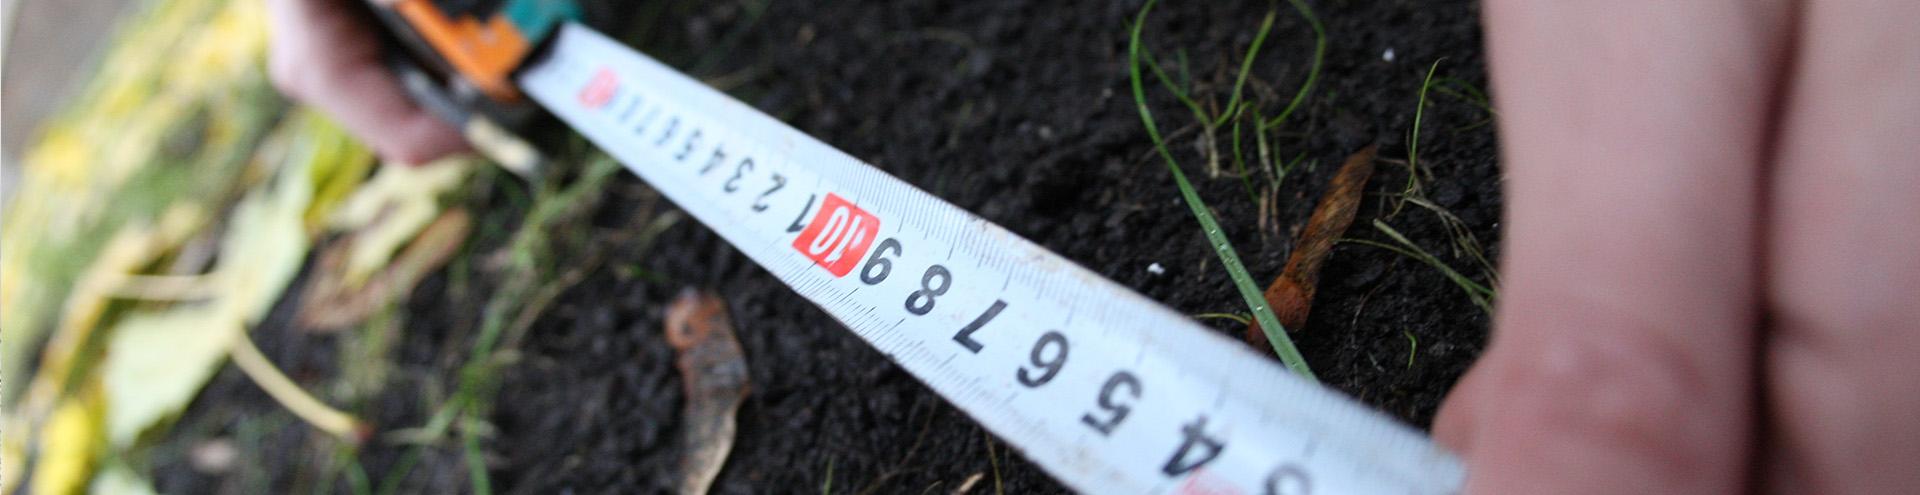 Оспаривание кадастровой стоимости земельного участка в Калуге